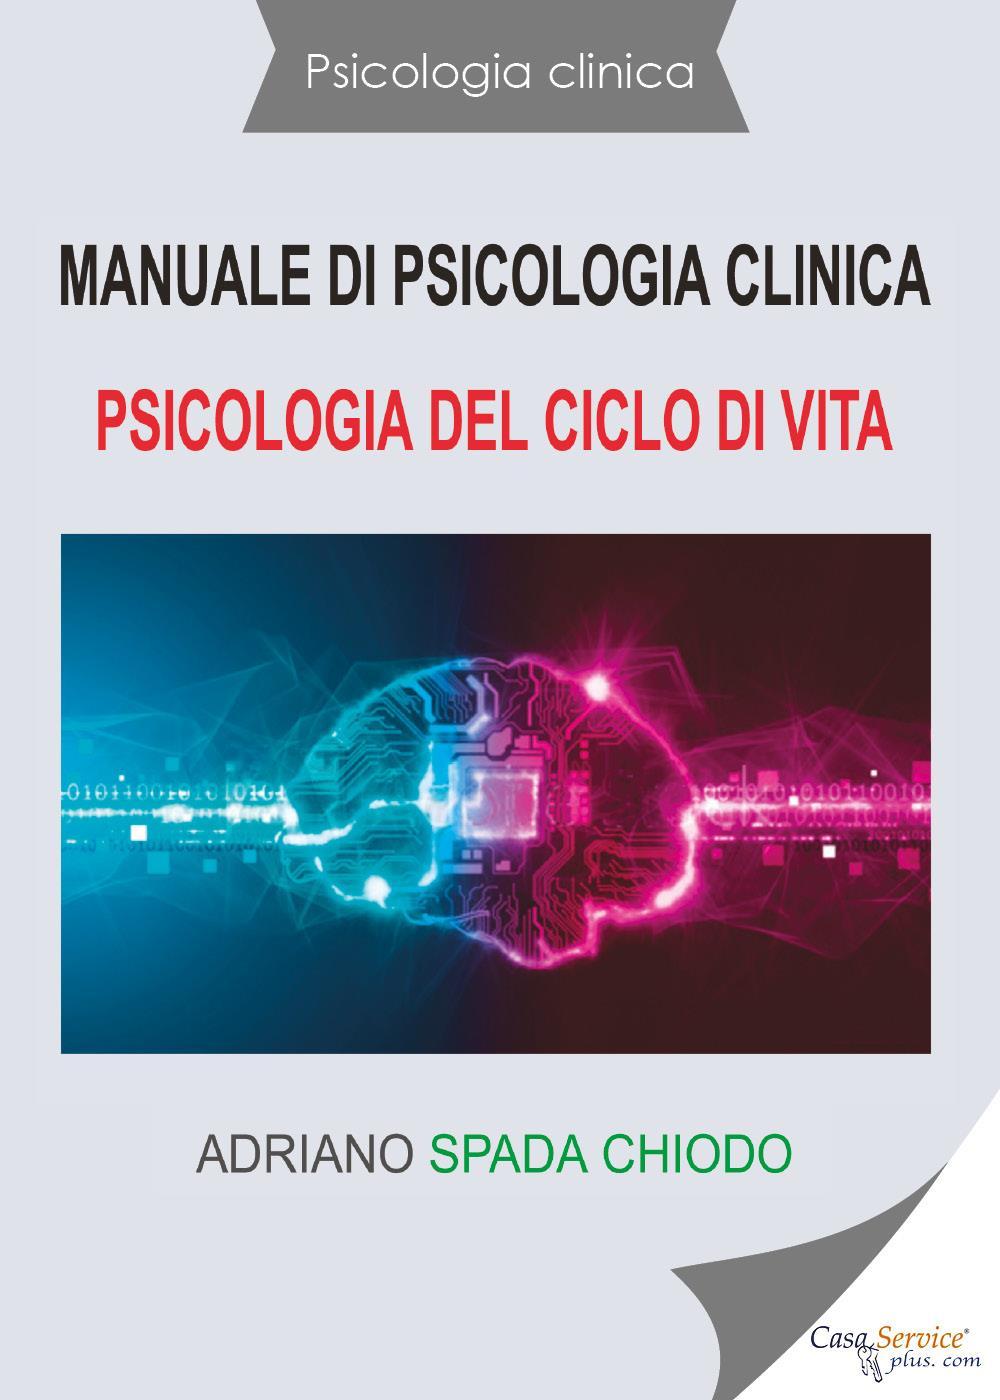 Psicologia clinica - Manuale di psicologia clinica - Psicologia del ciclo di vita